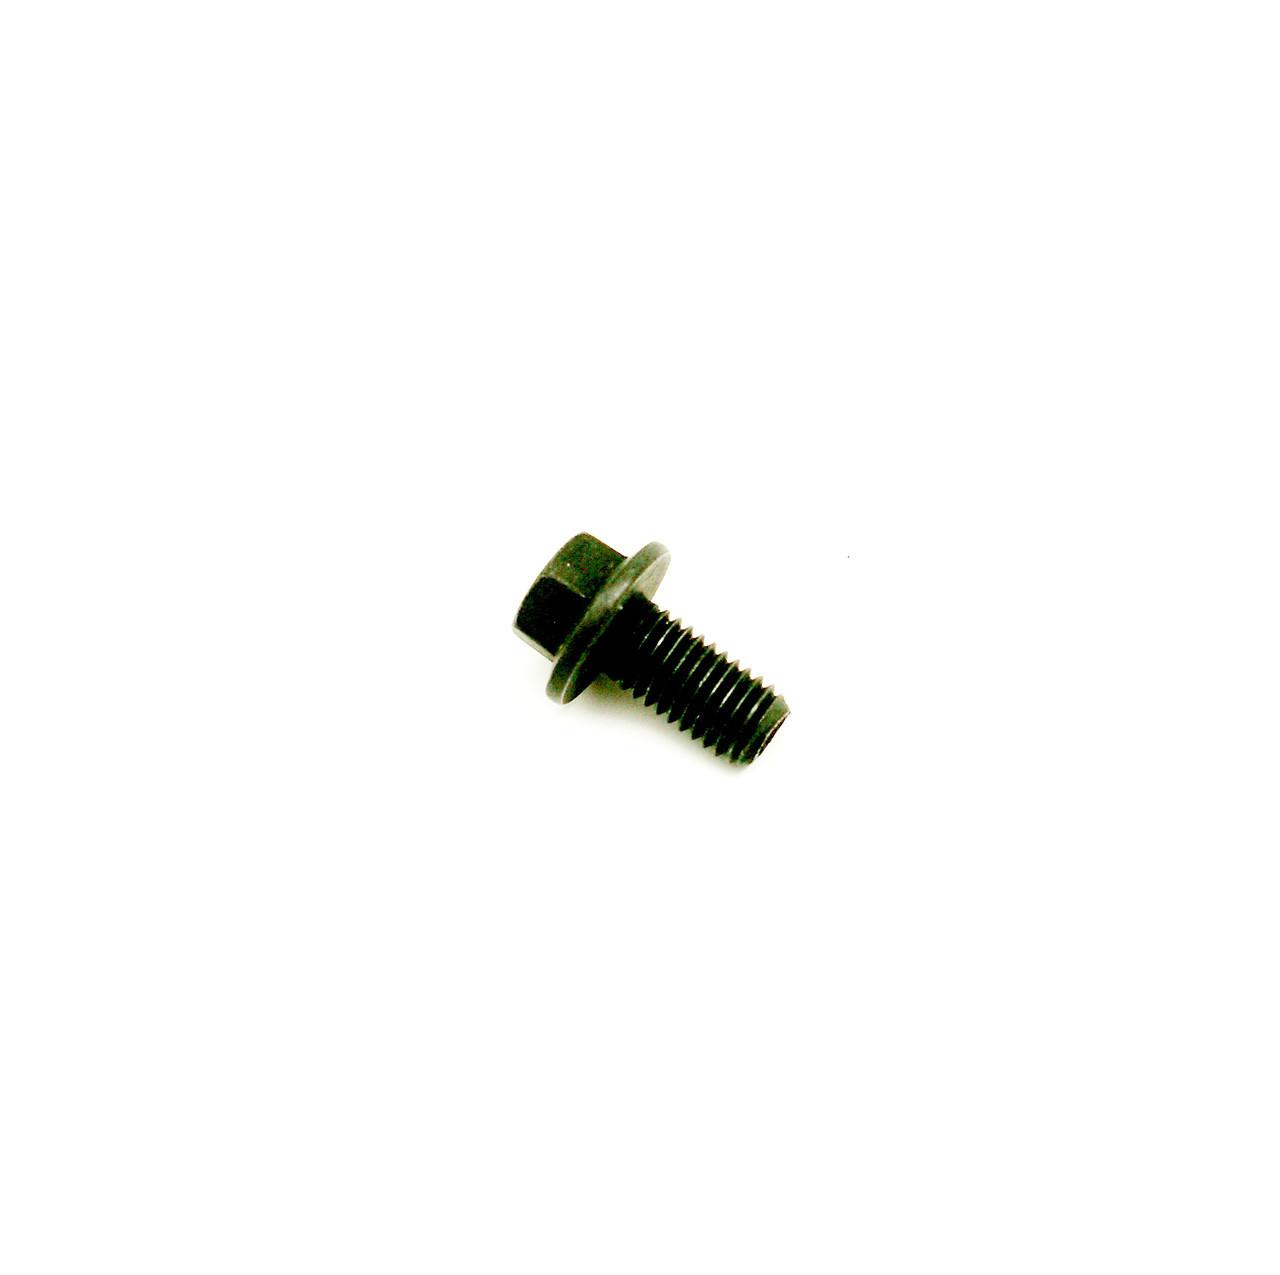 Болт крепления кронштейна выпускного патрубка турбокомпрессора Cummins ISF 2.8 3903990